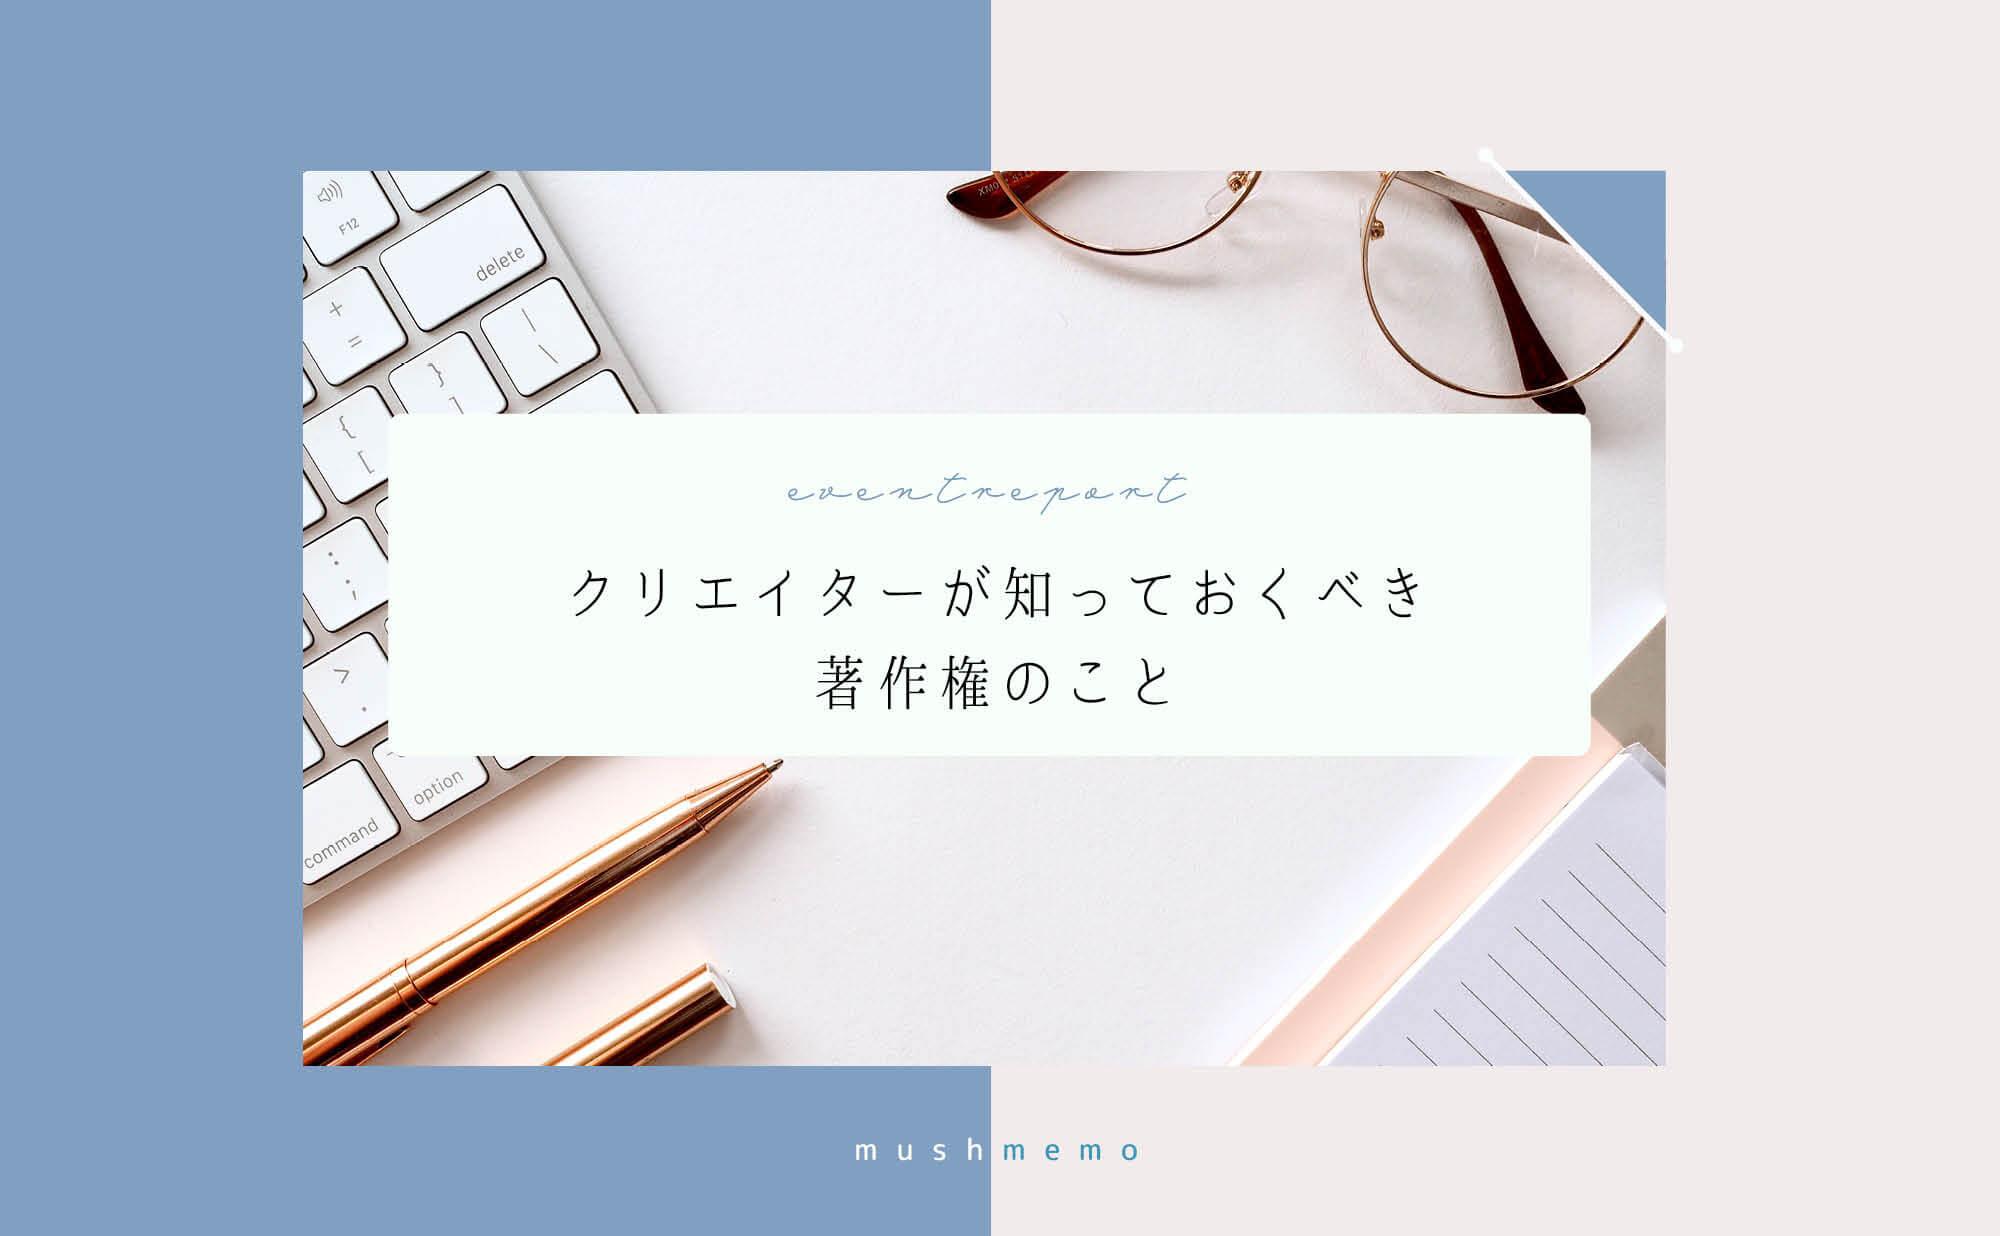 イベントレポート〜クリエイターが知っておくべき著作権のこと〜